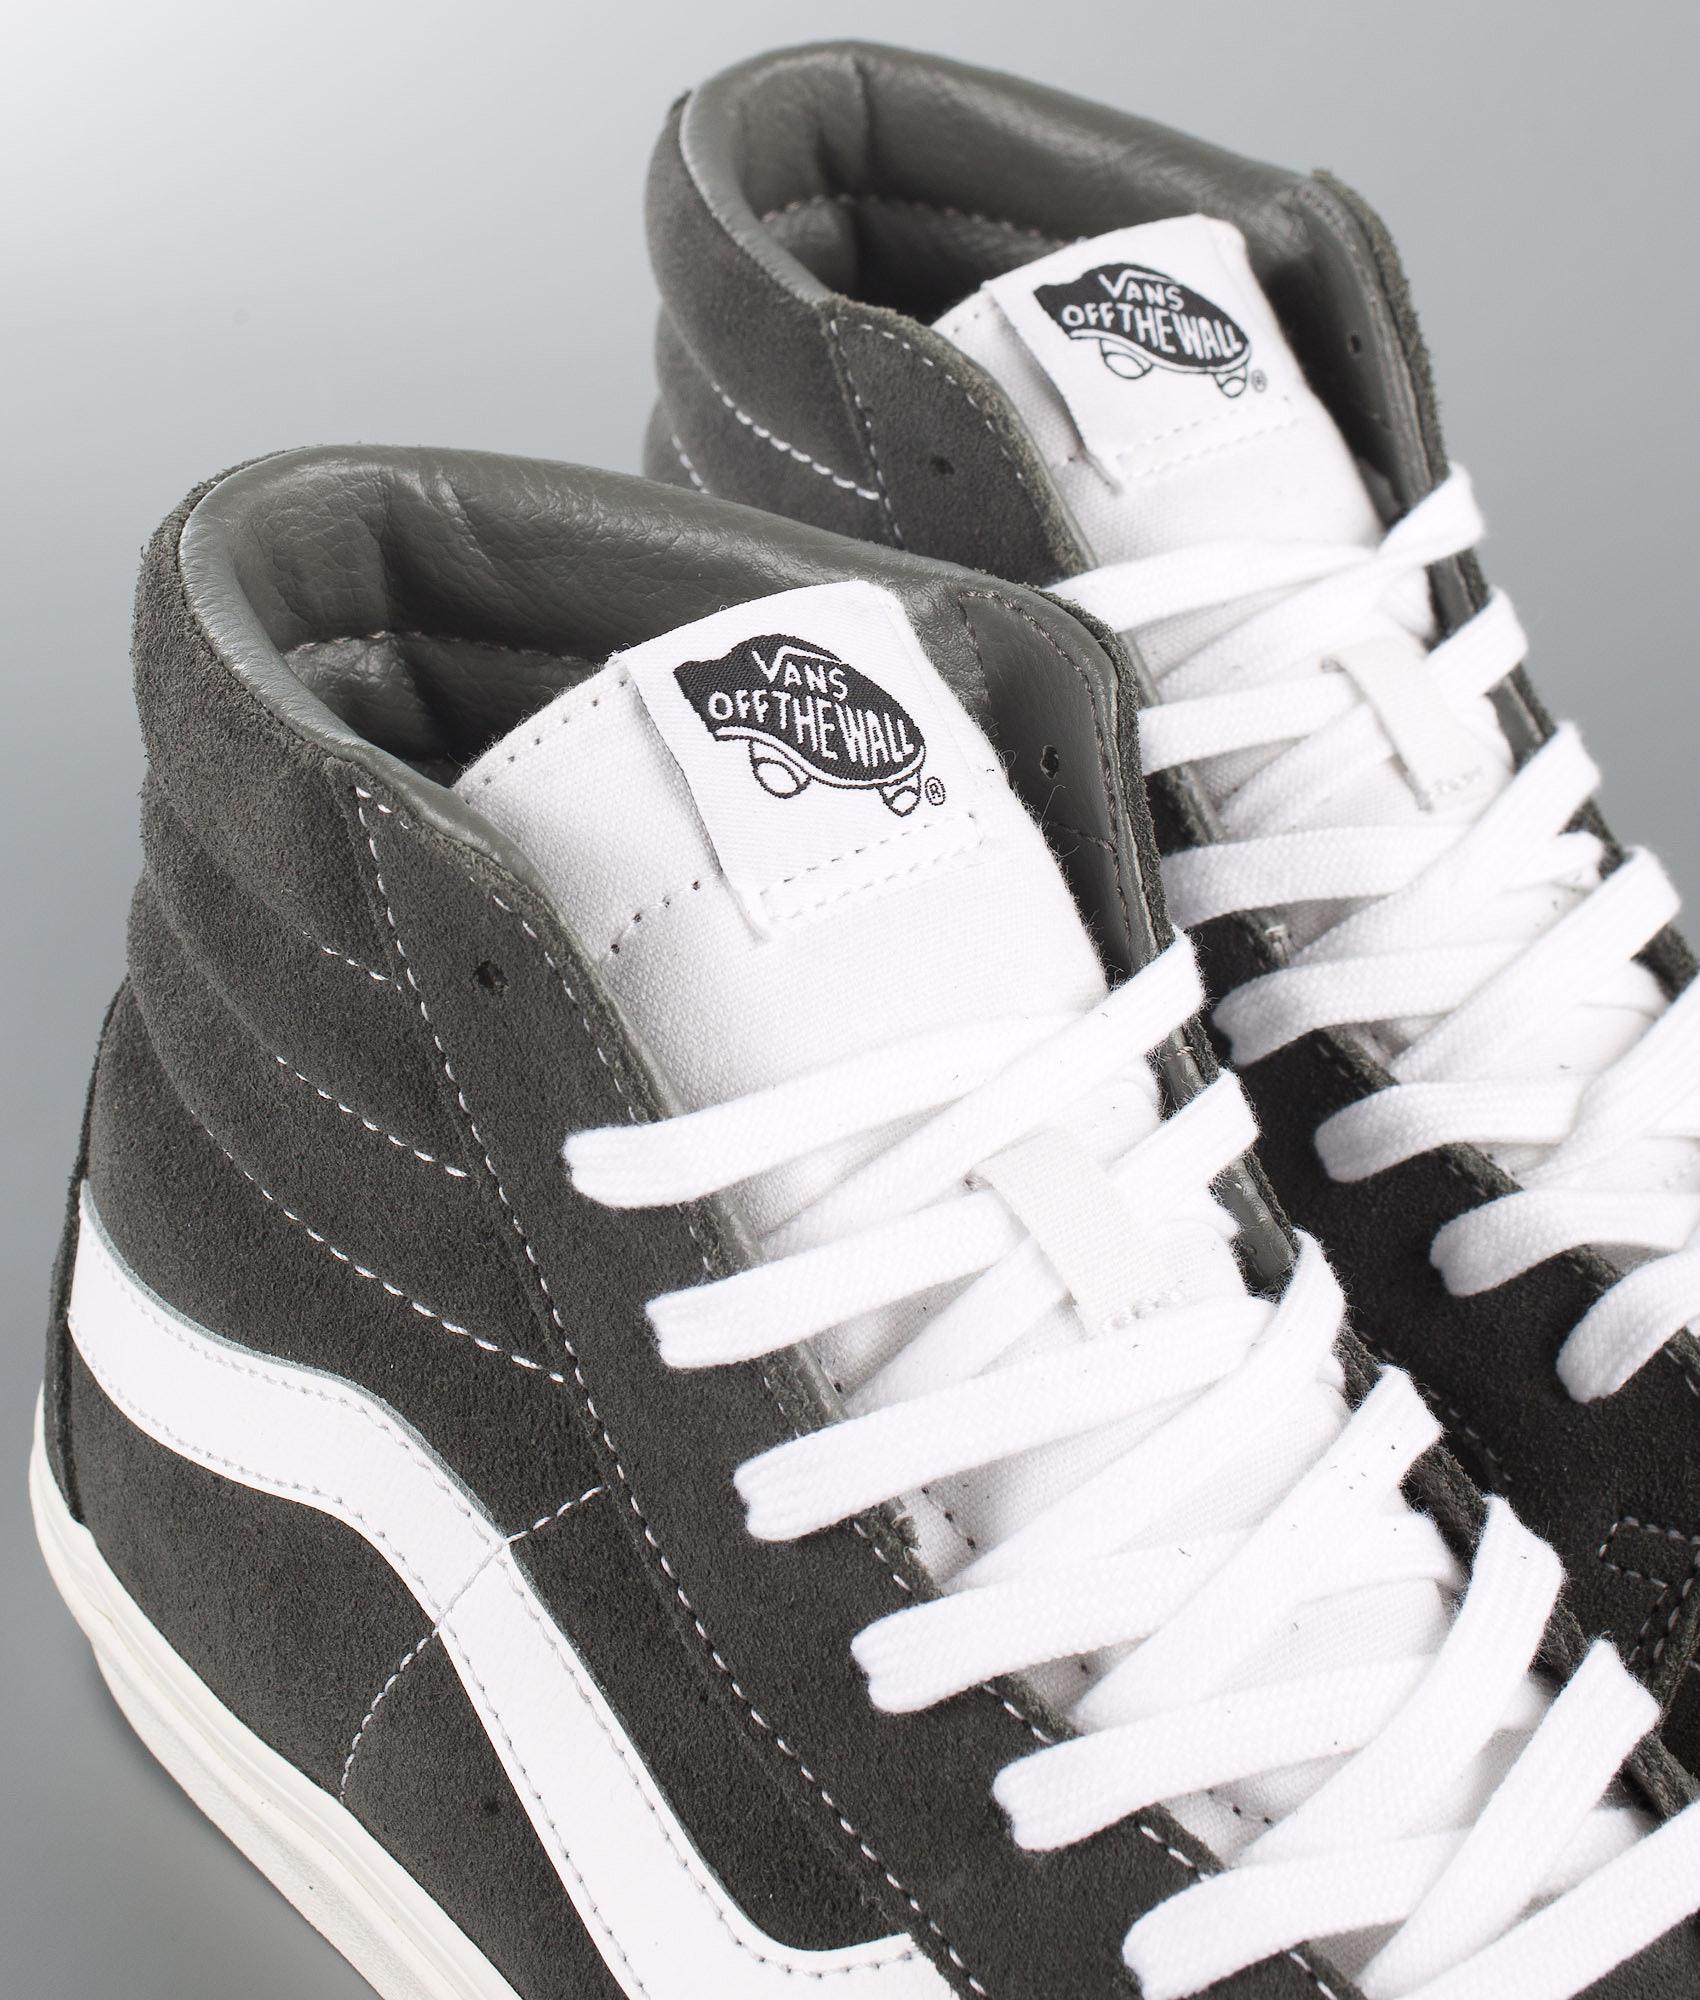 e183daaf9c Vans Sk8-Hi Reissue Shoes (Retro Sport) Gunmetal - Ridestore.com